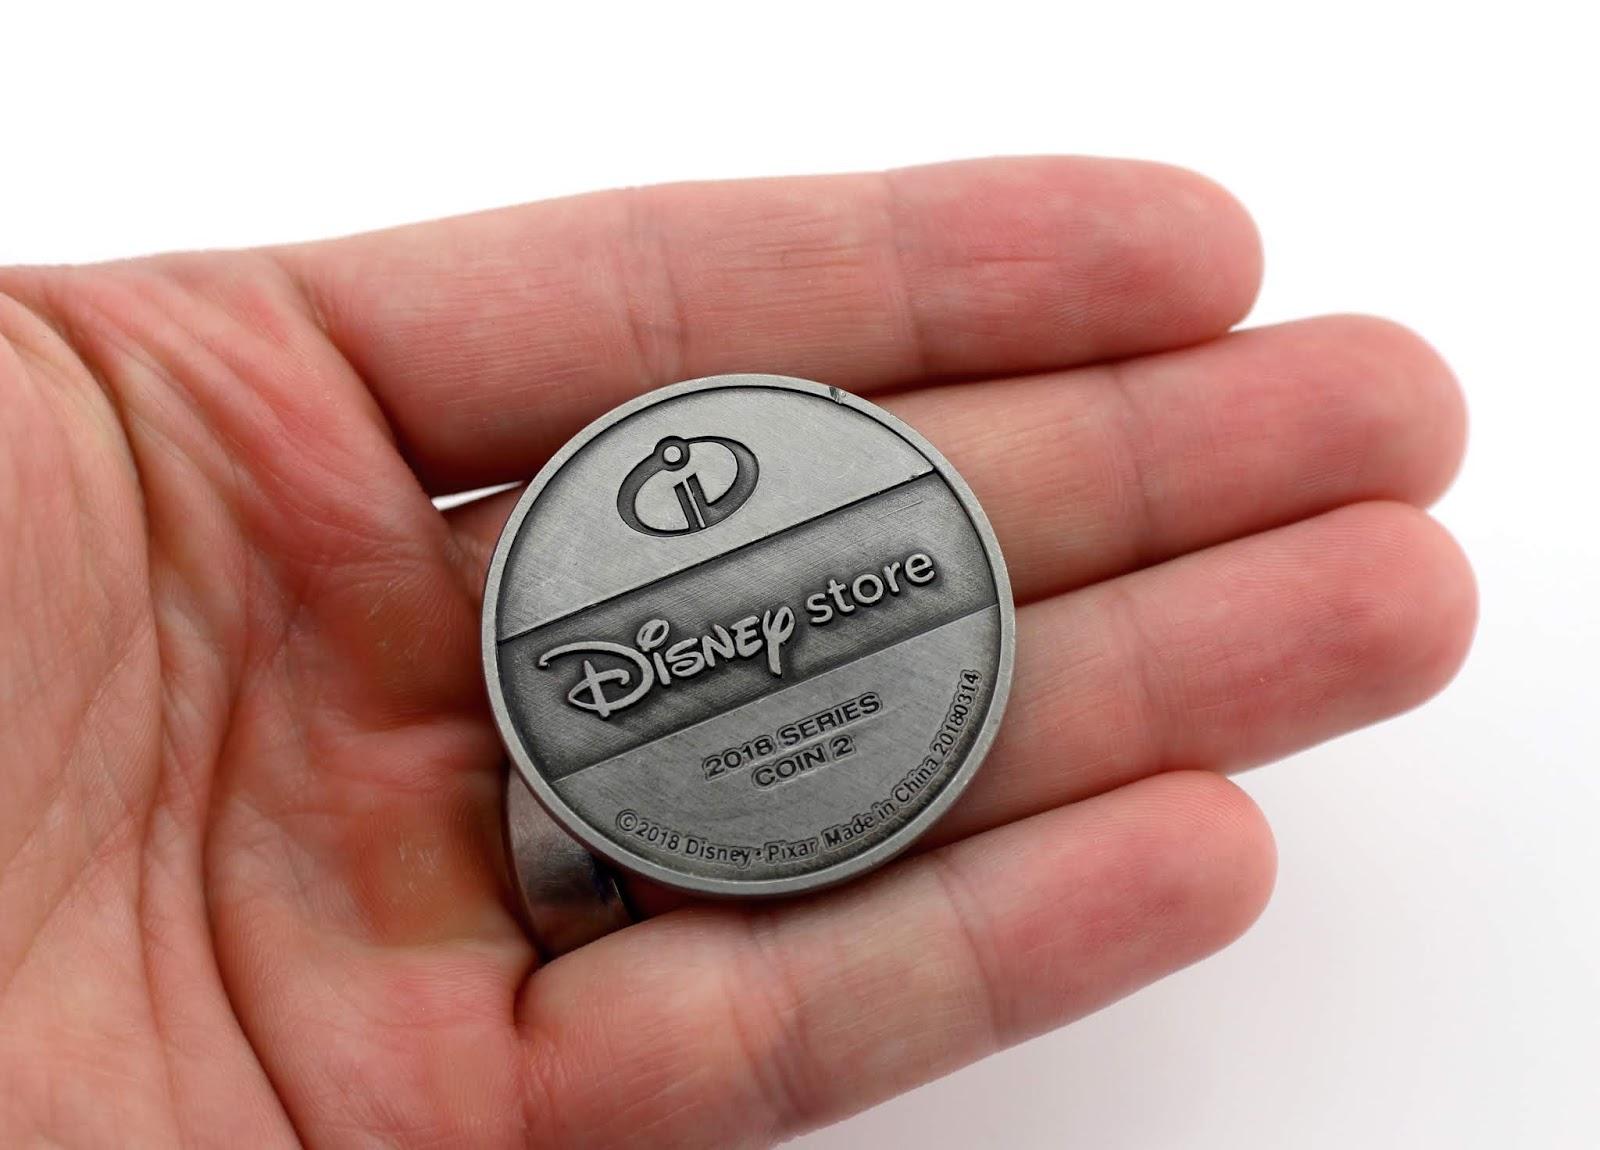 incredibles 2 disney store fan thursday collector coin